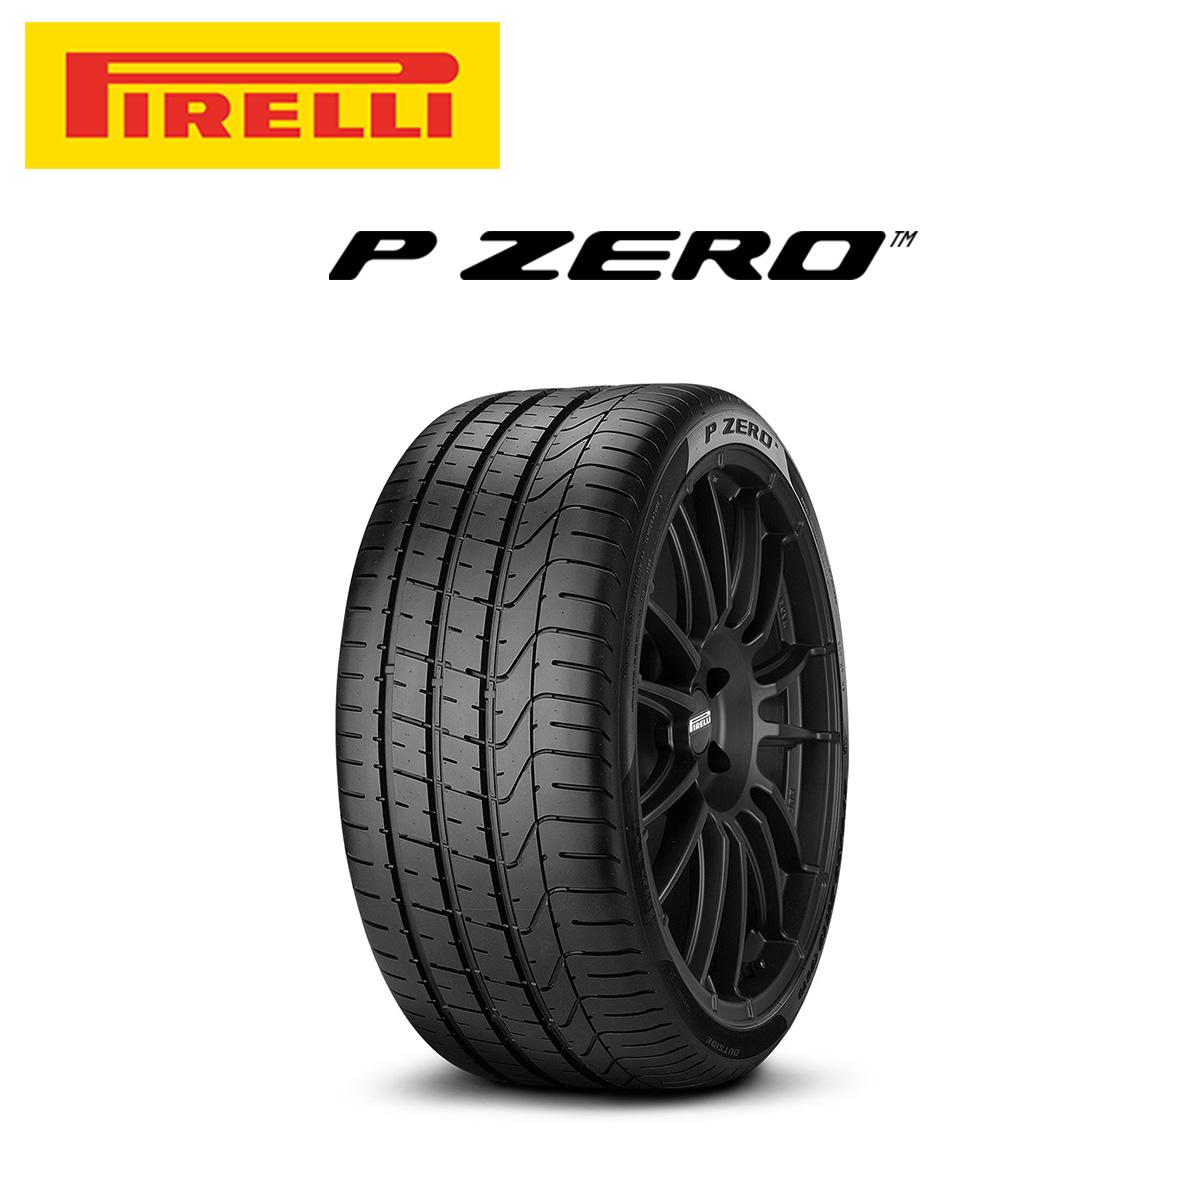 ピレリ PIRELLI P ZERO ピーゼロ 18インチ サマー タイヤ 4本 セット 255/40R18 99Y XL MO:メルセデスベンツ承認タイヤ 2027700